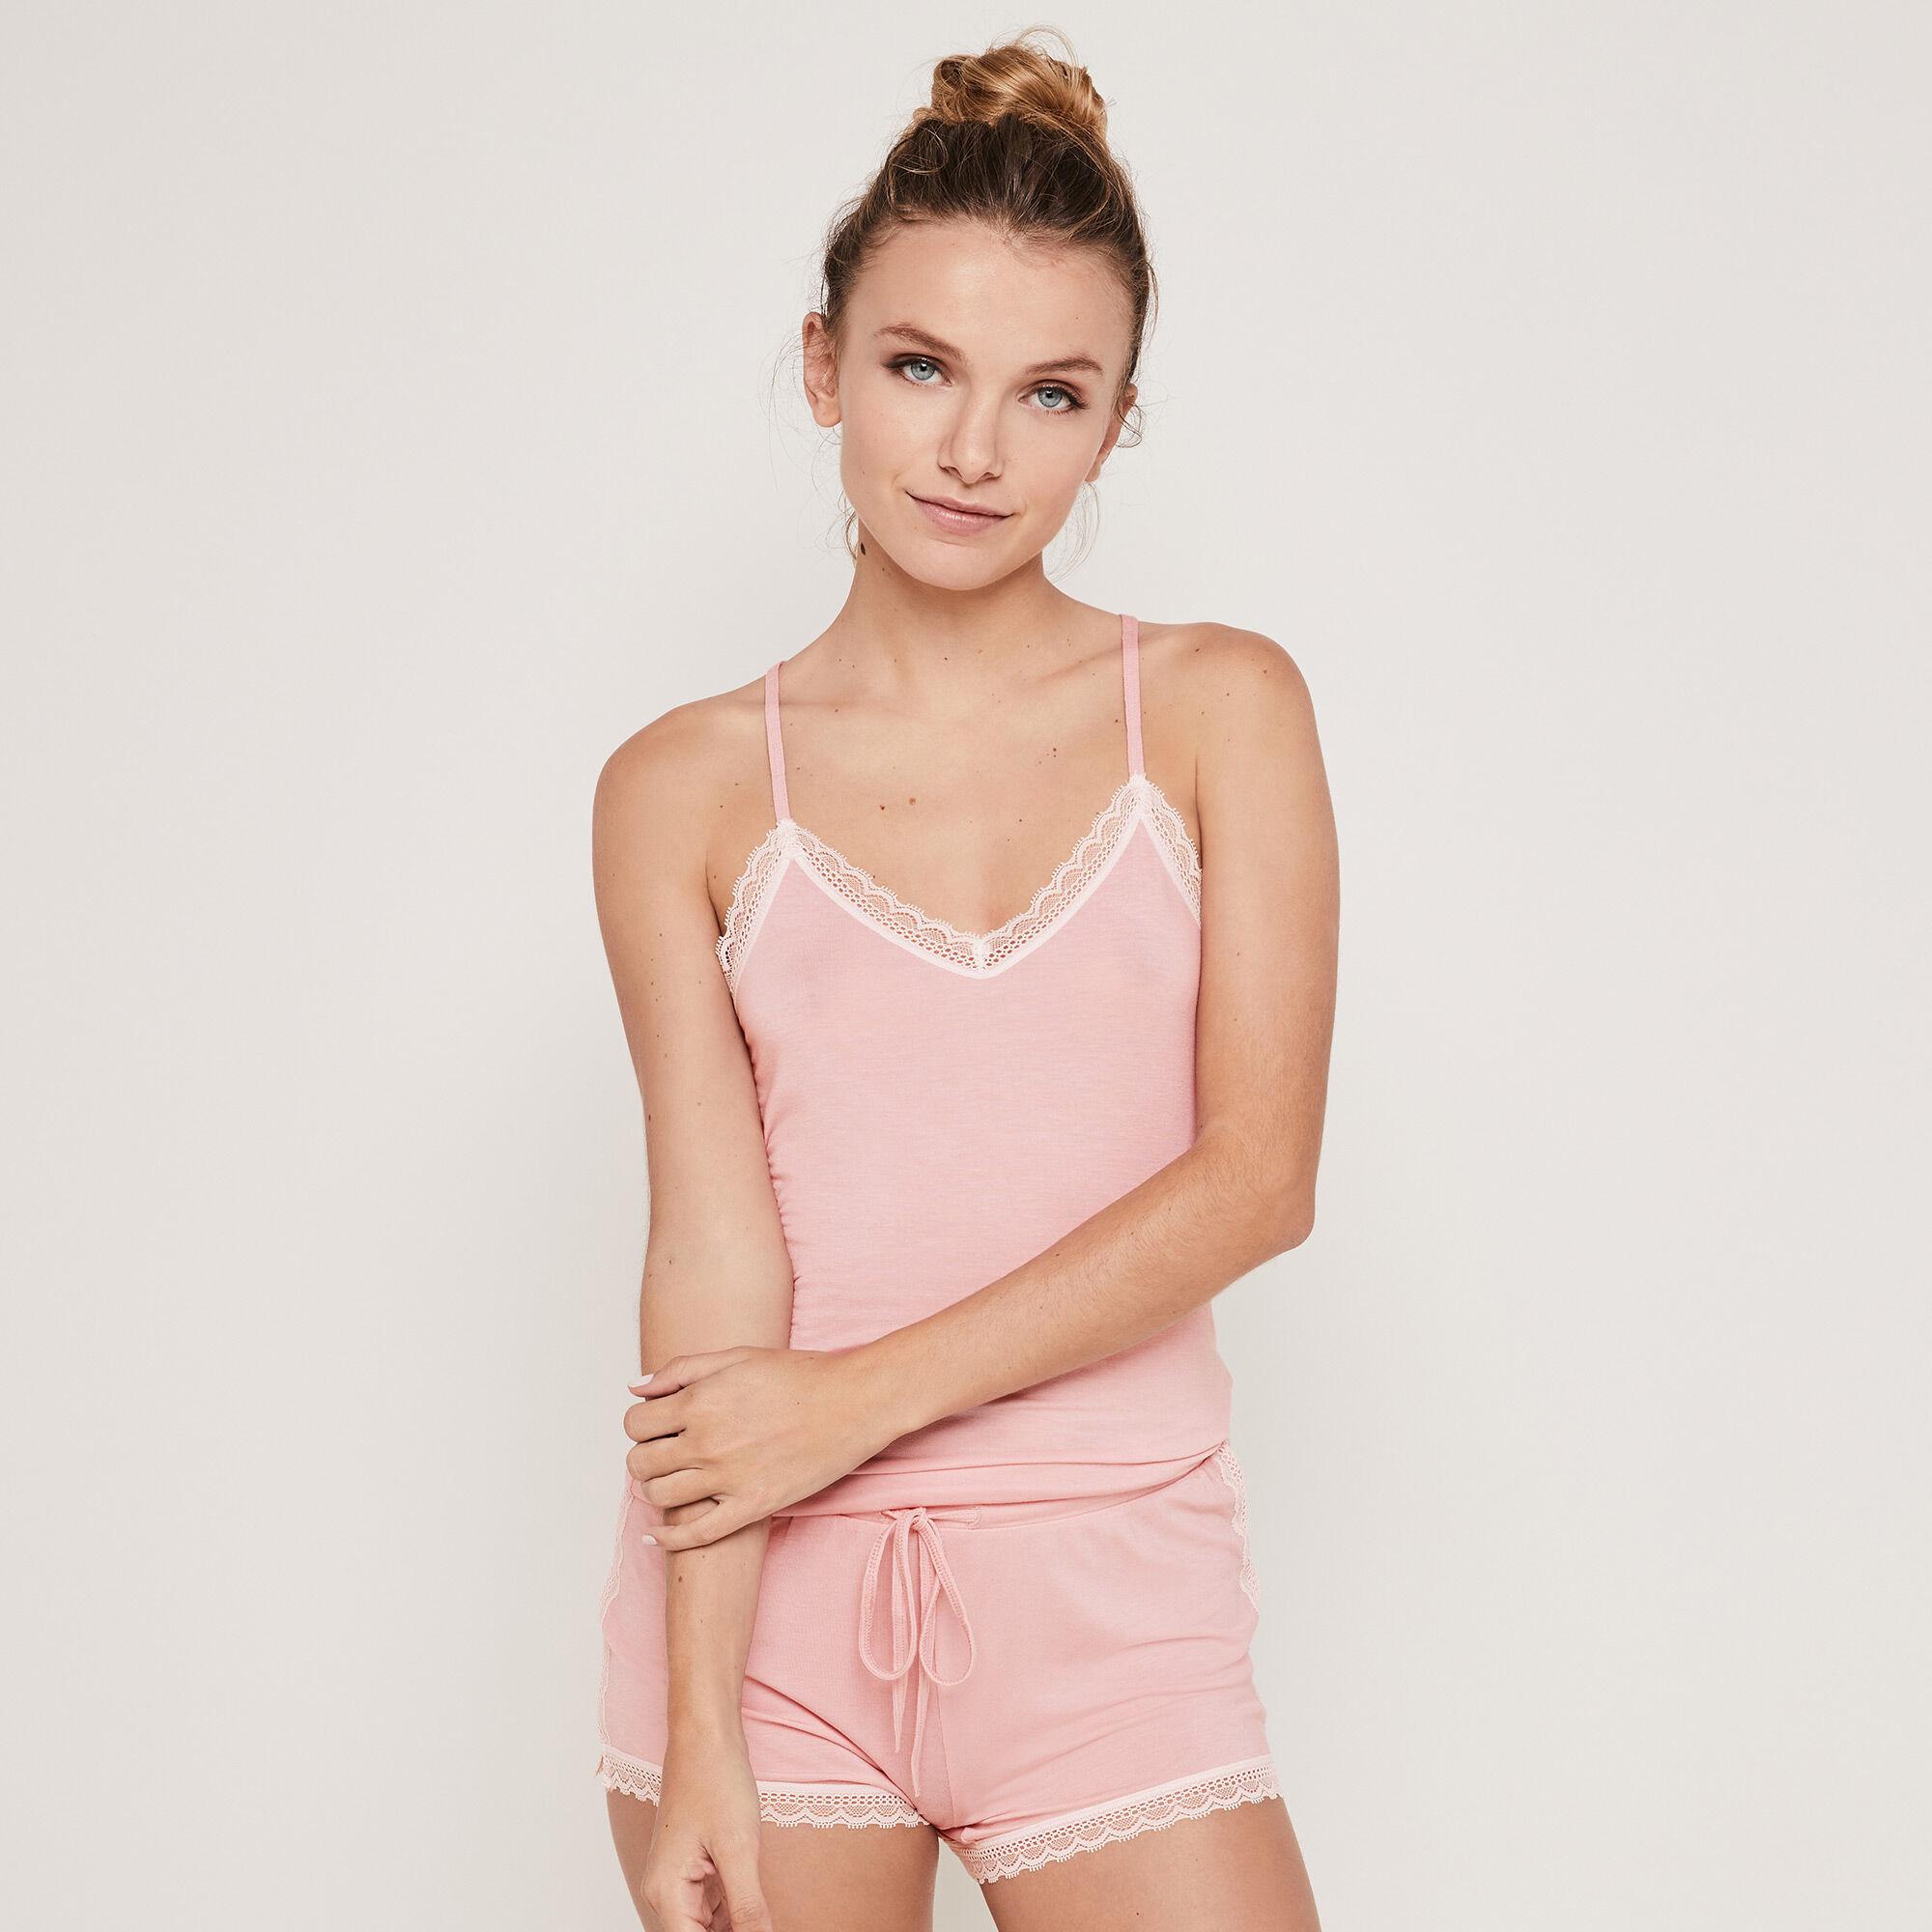 Vitamiz jersey top with thin straps pink Undiz